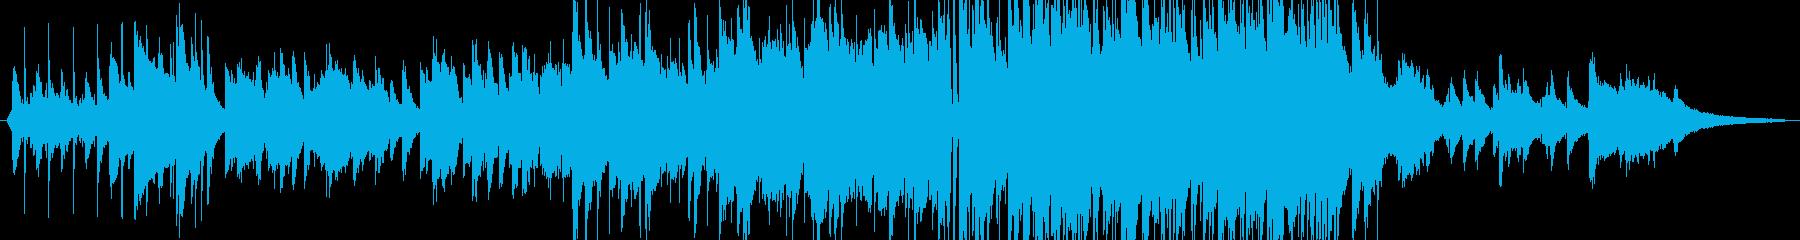 生サックス 爽やかで感動的なバラードの再生済みの波形